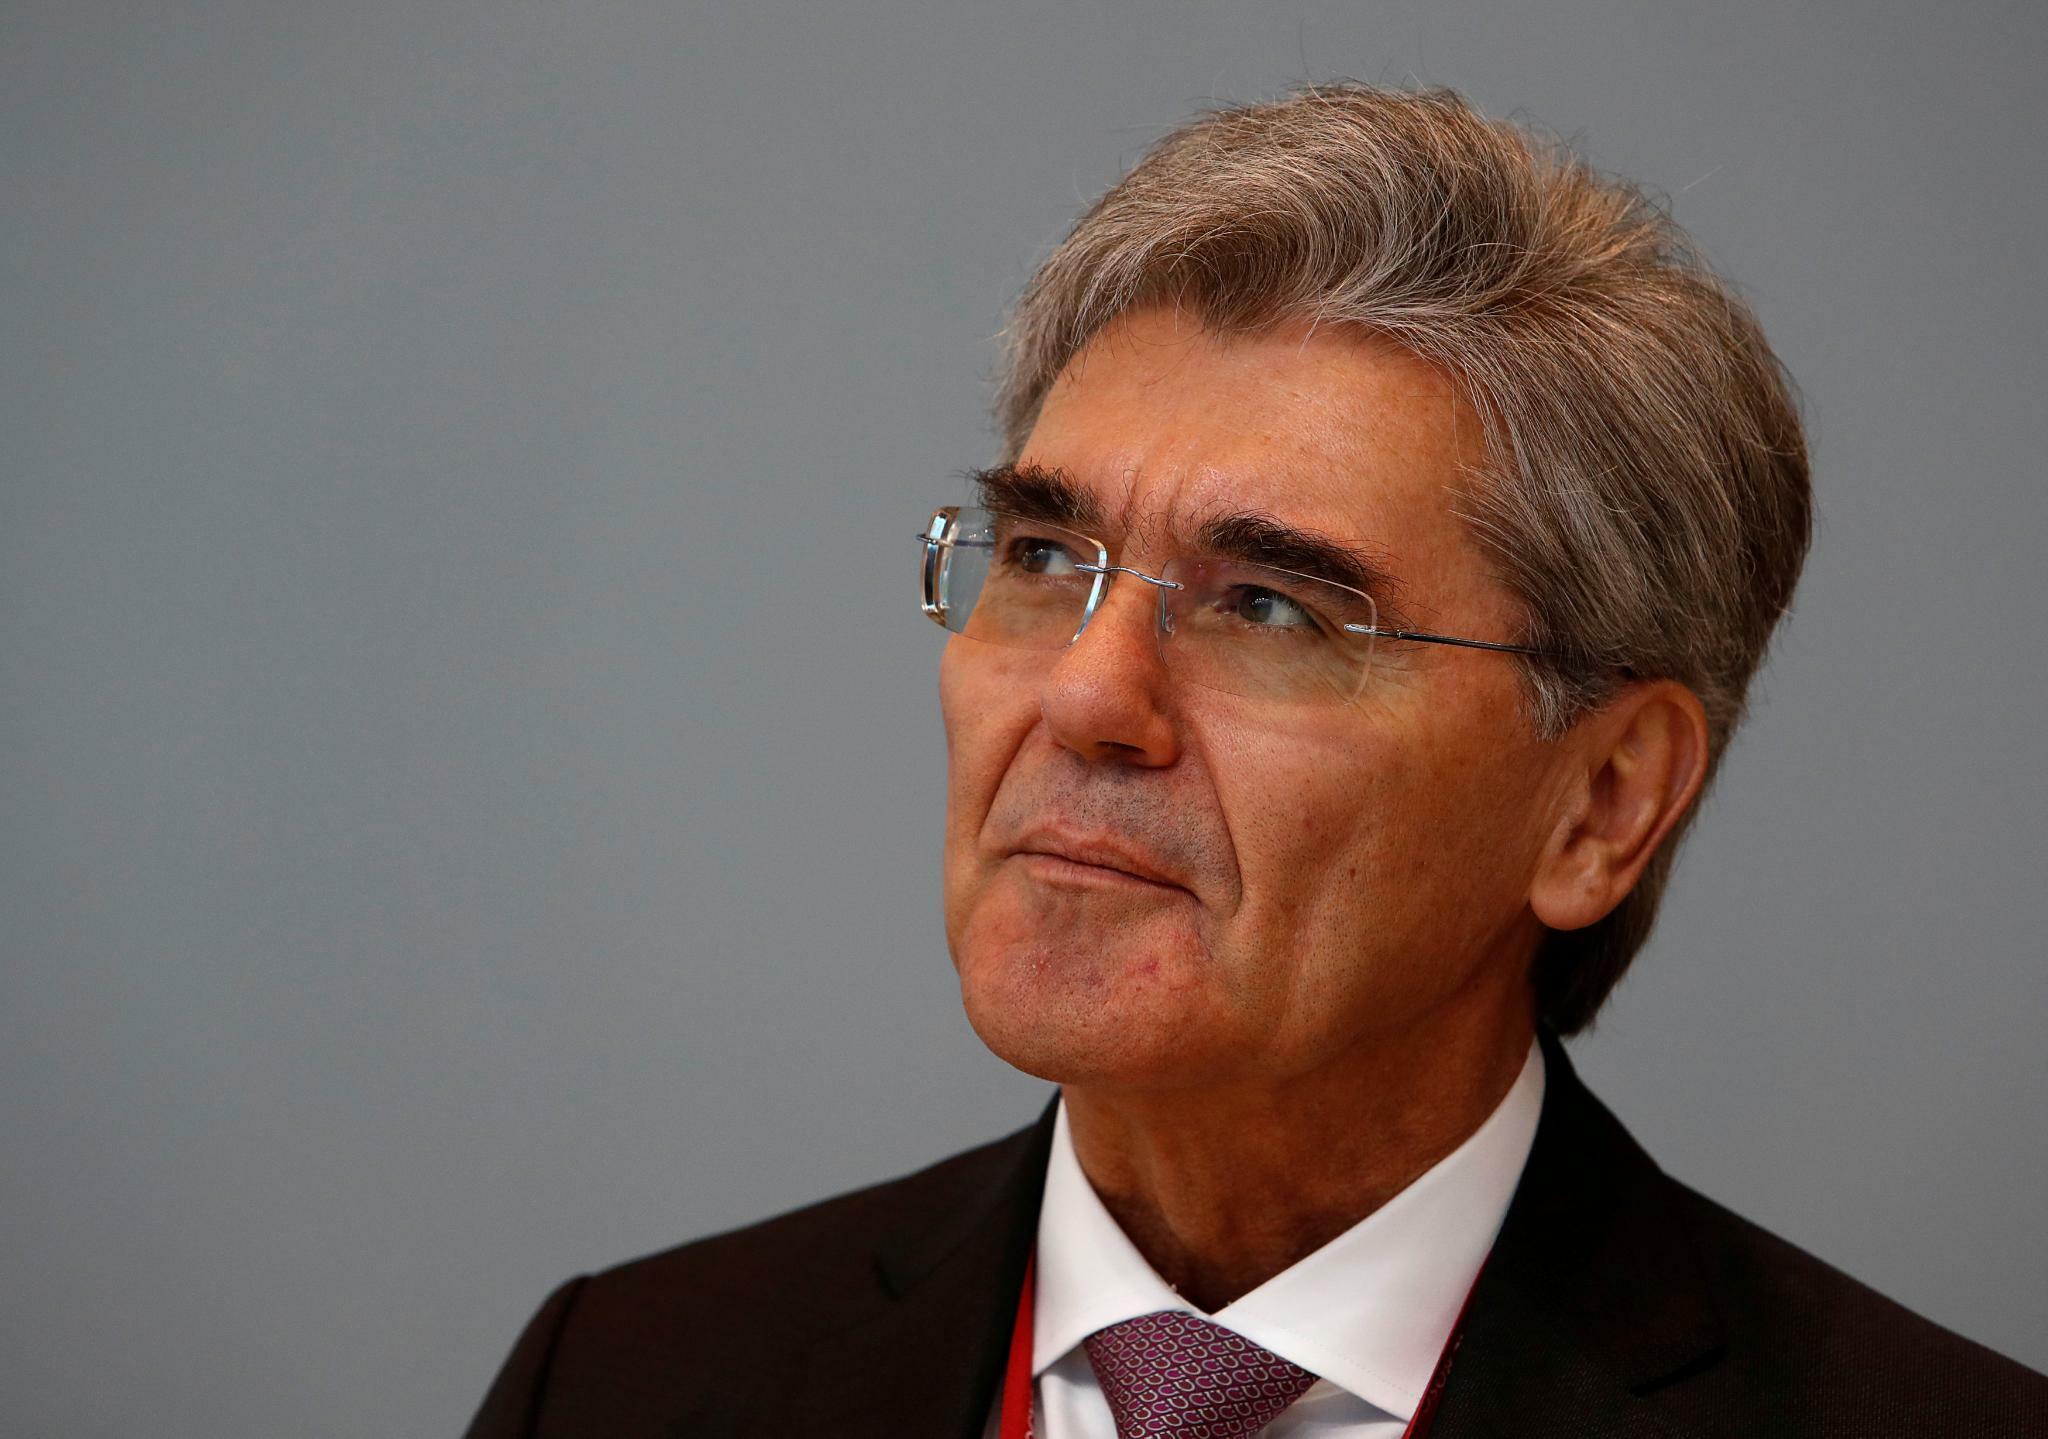 Joe Kaeser: Sollte der Siemens-Chef twittern?